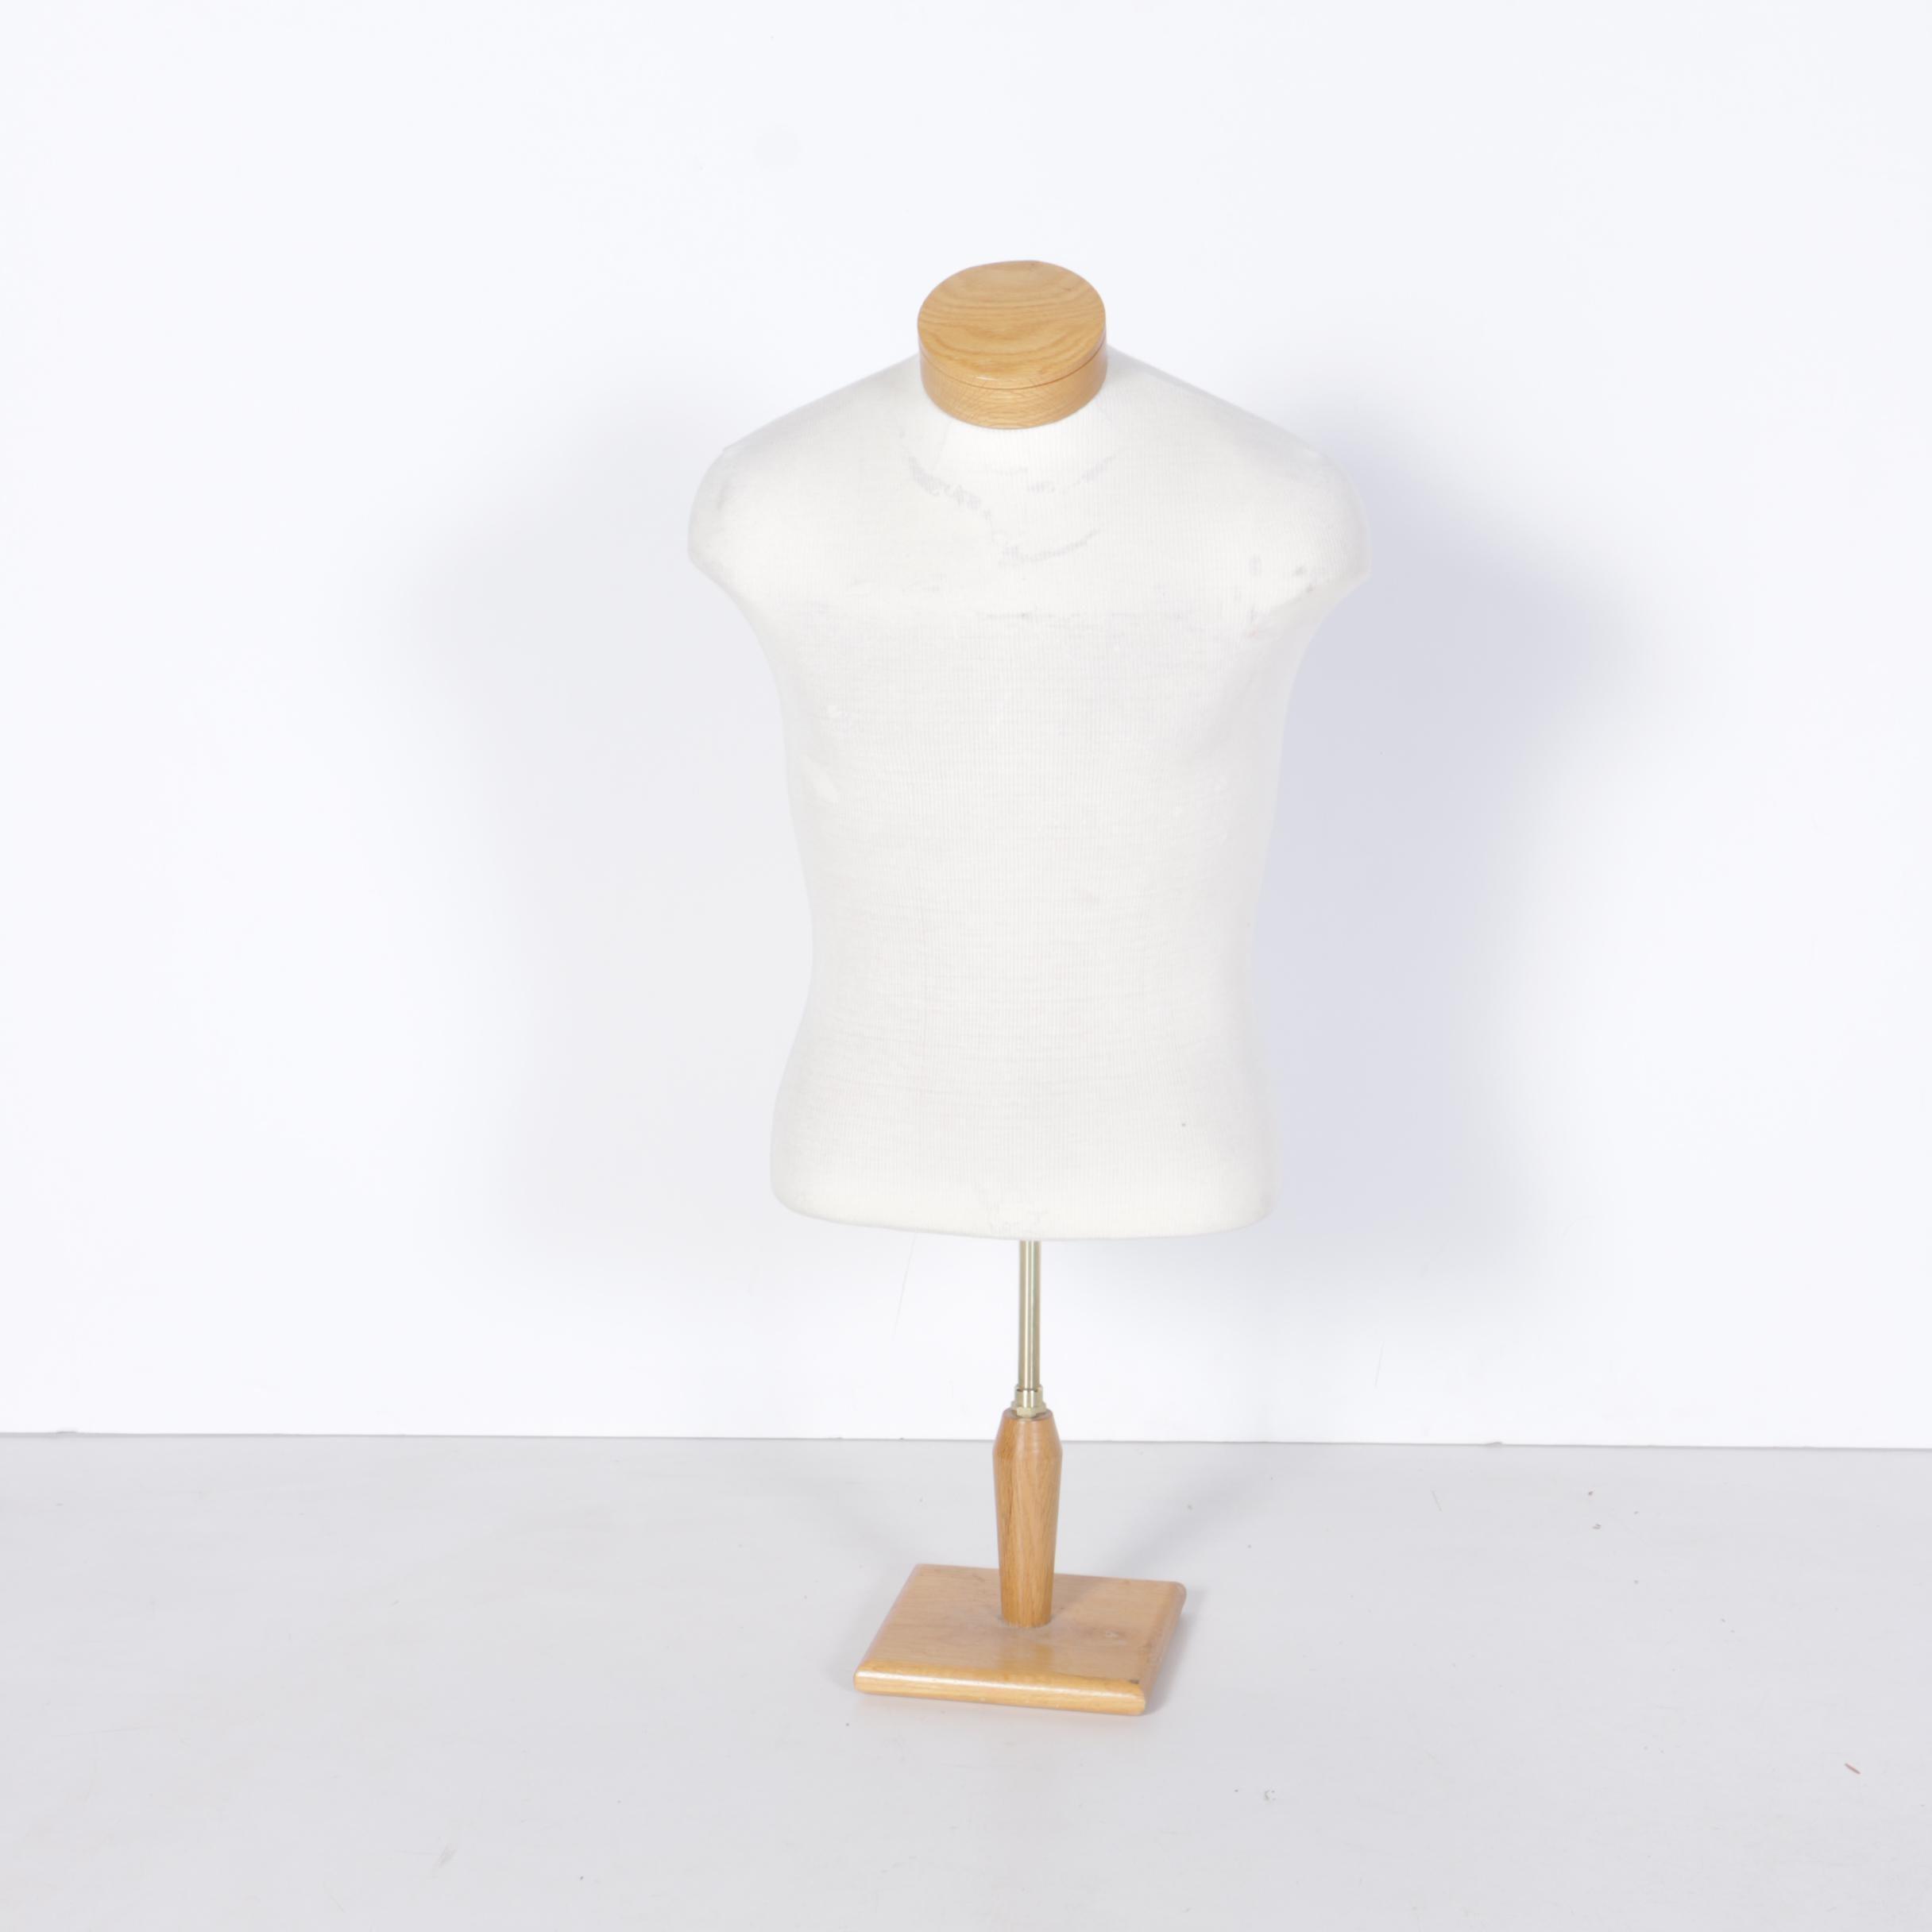 Silvestri California Male Torso Dress Form